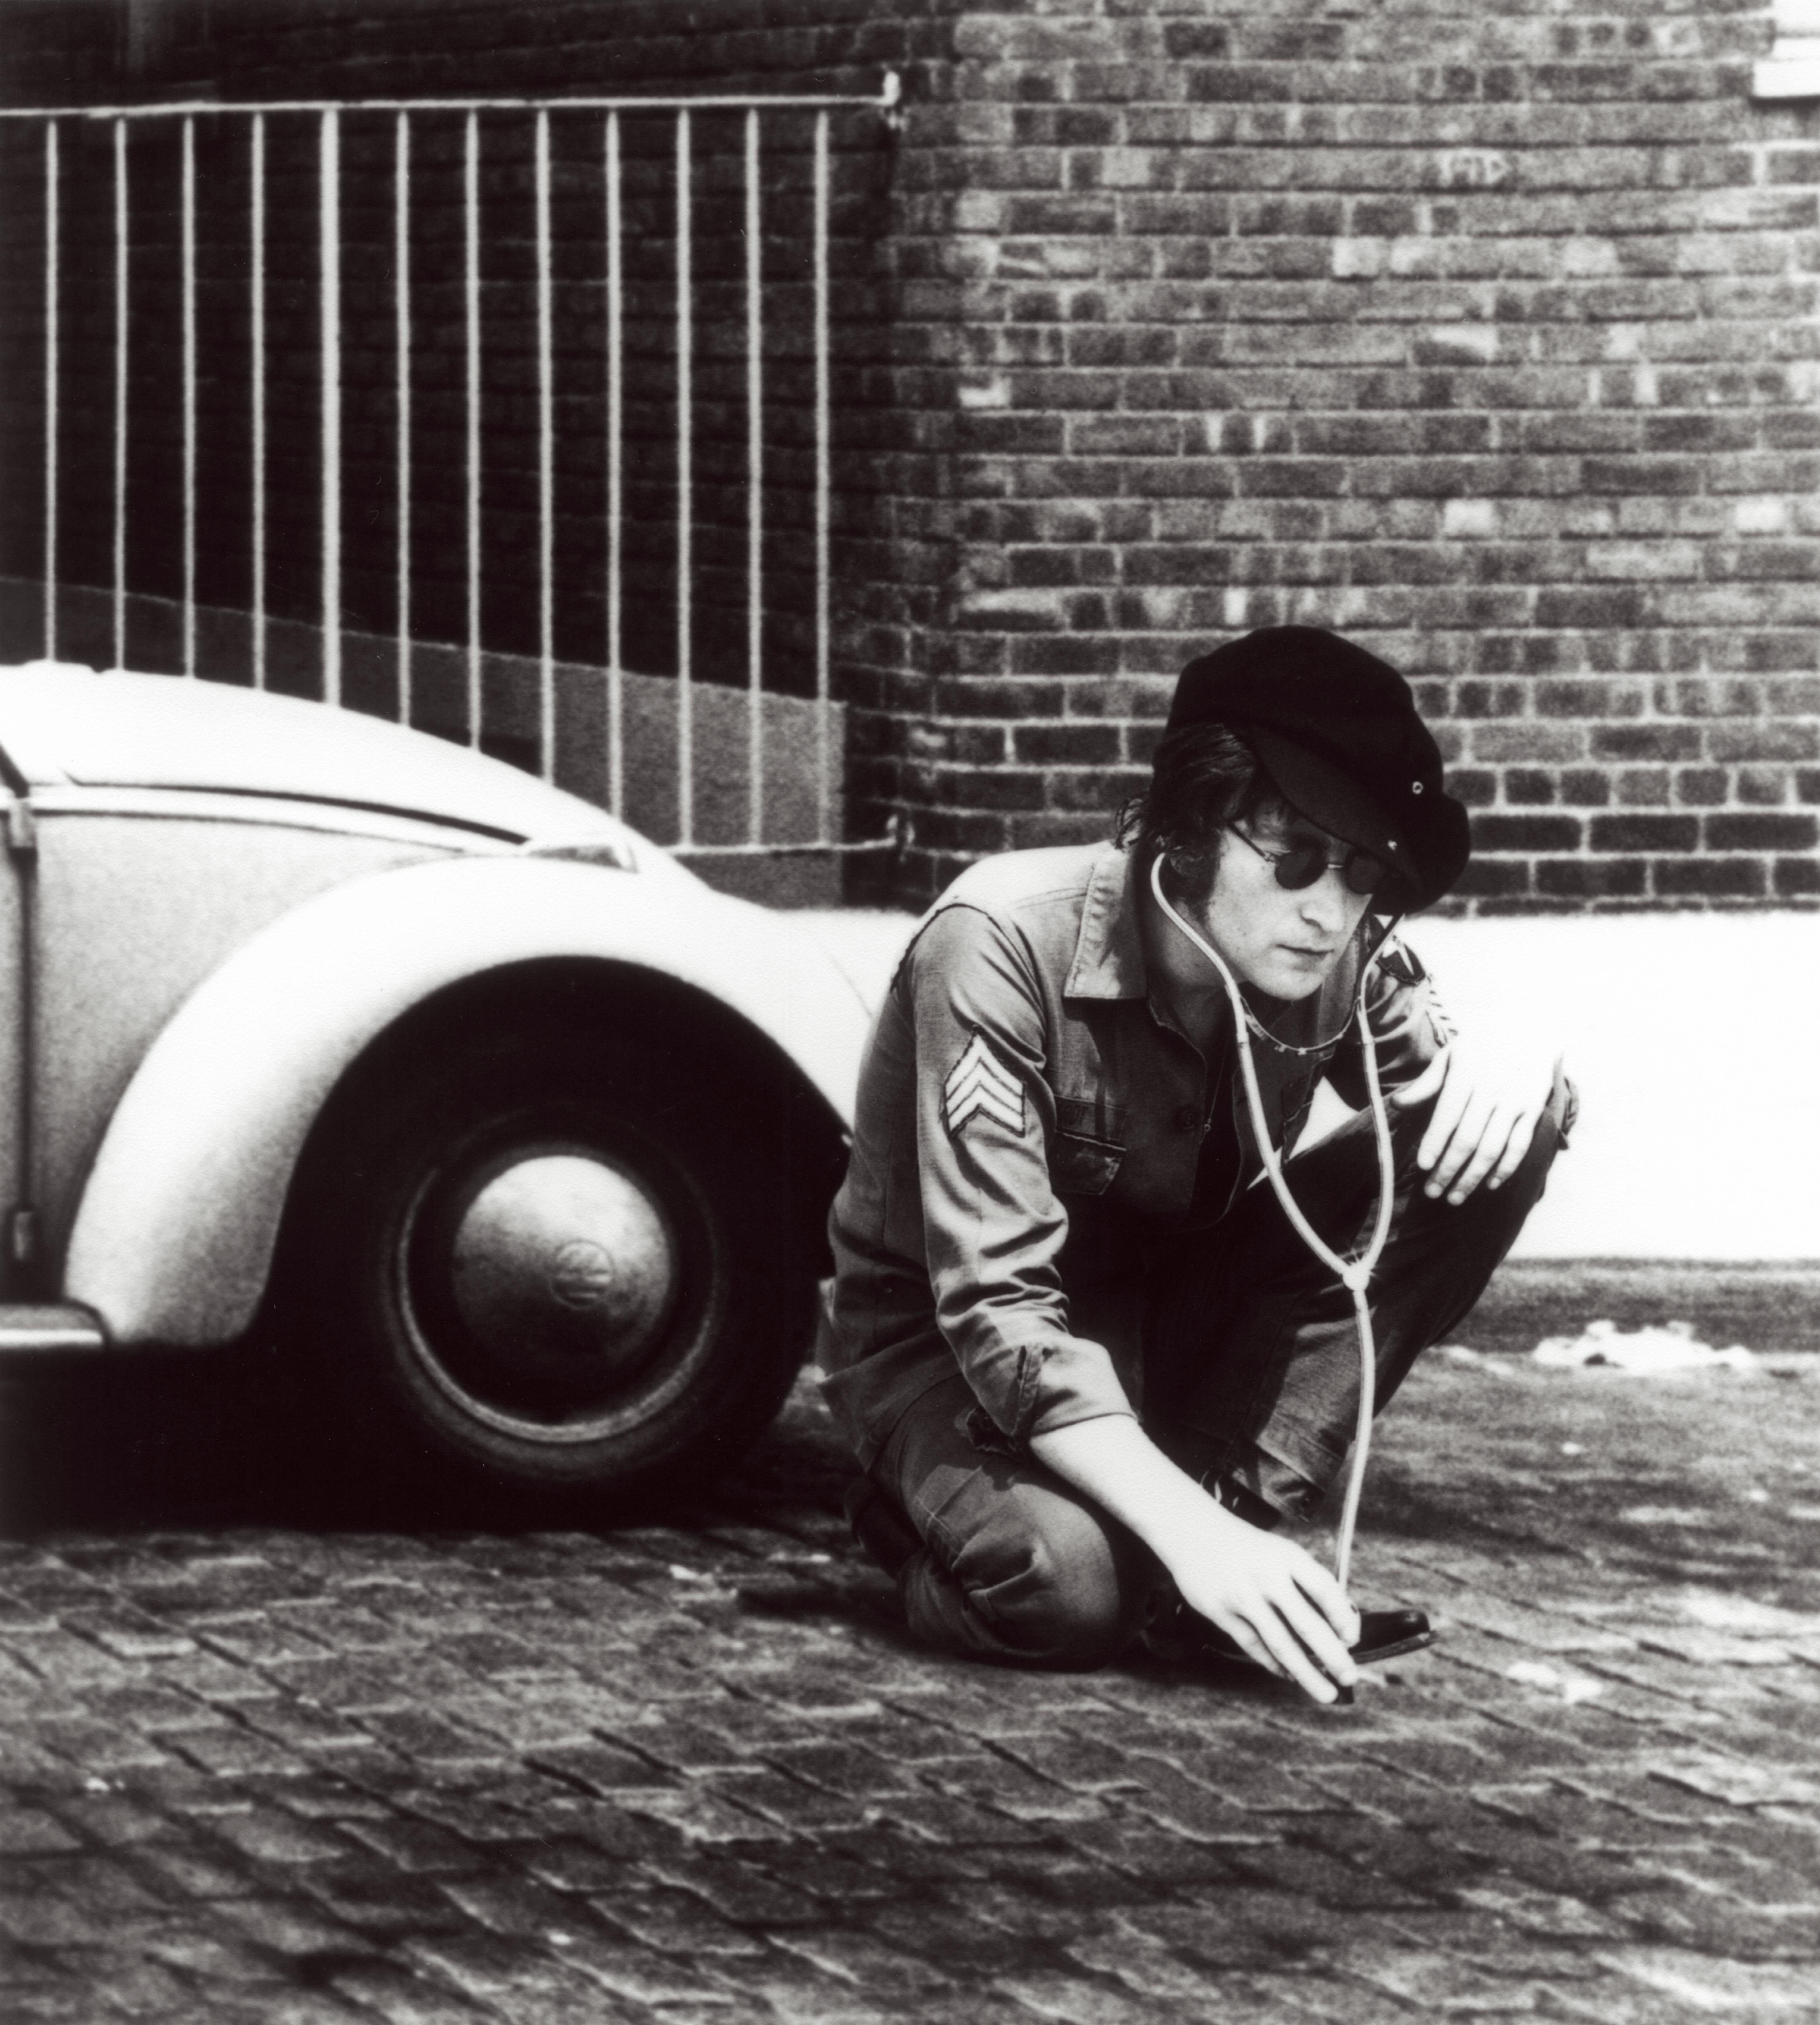 https://i2.wp.com/g-ec2.images-amazon.com/images/G/01/music/John_Lennon_5.jpg